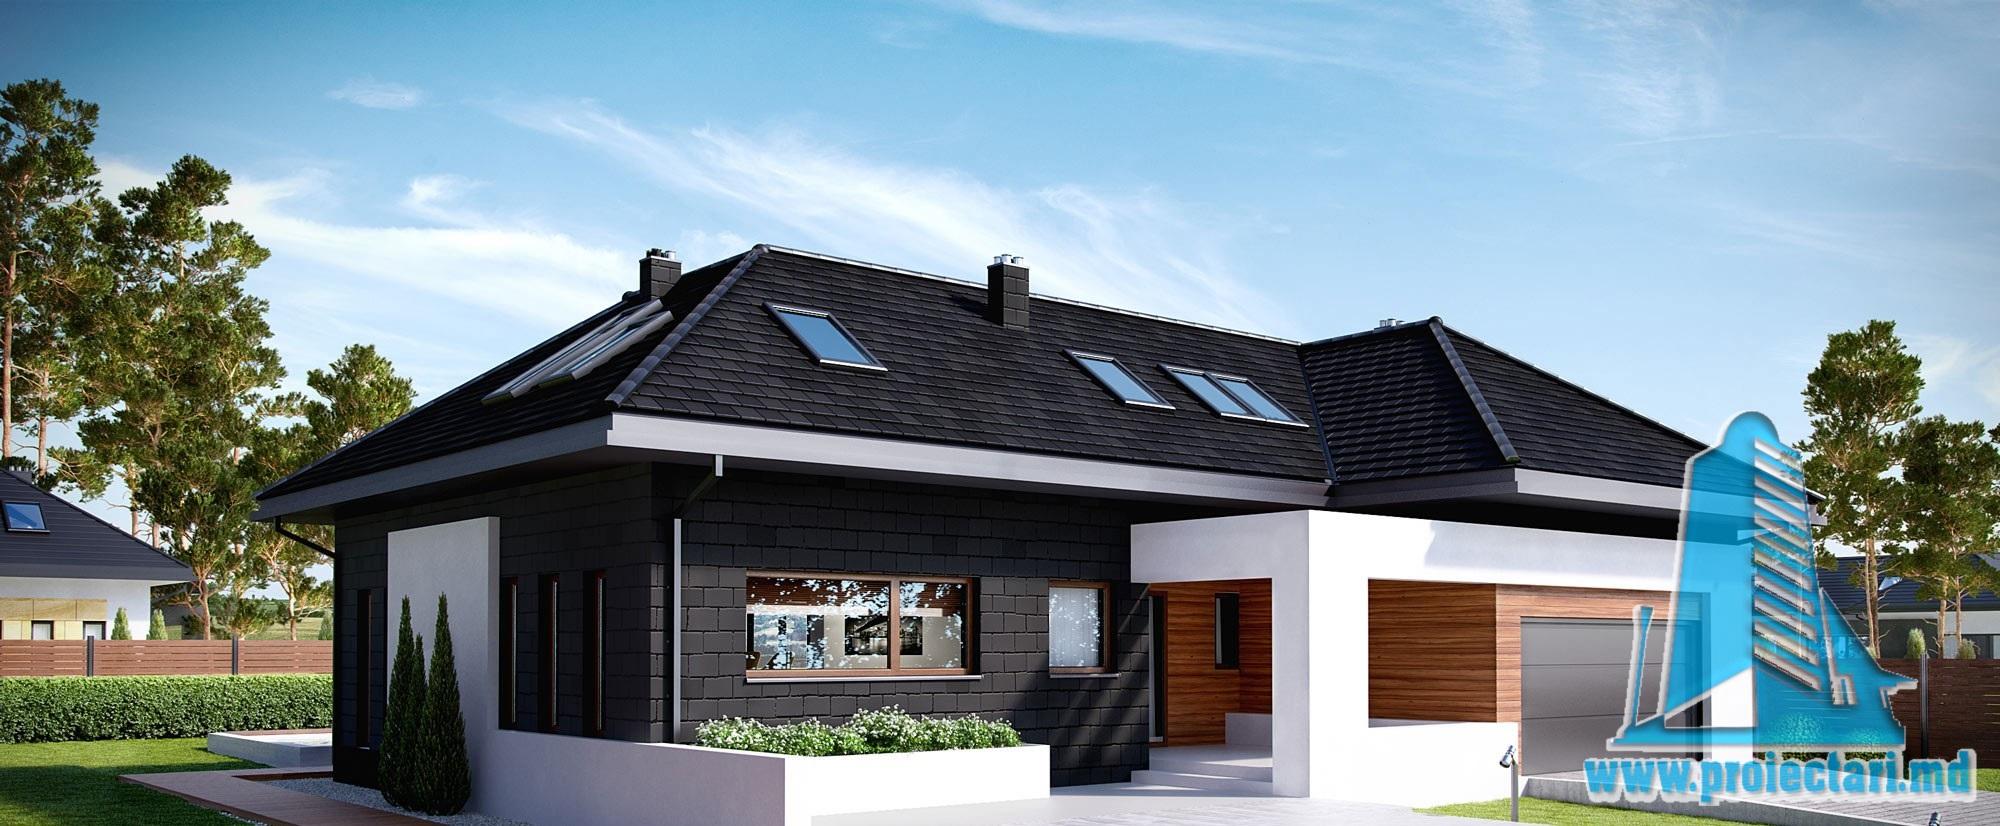 Casa Cu Parter Si Mansarda Si Garaj Pentru Doua Automobile– 389 m2 – 101001